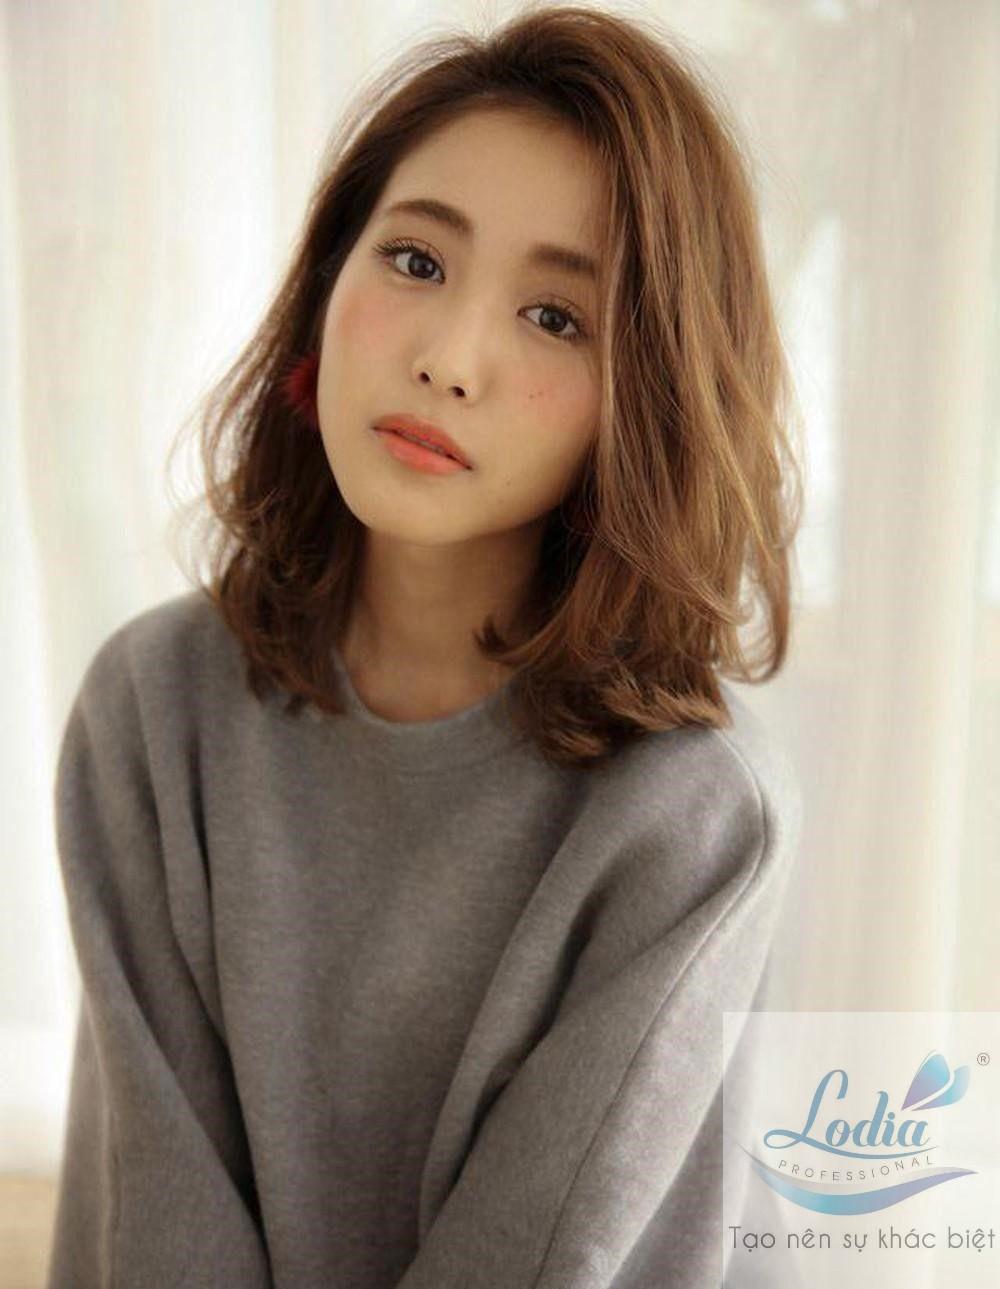 Kiểu tóc uốn xoăn nhẹ cho tóc ngắn 4